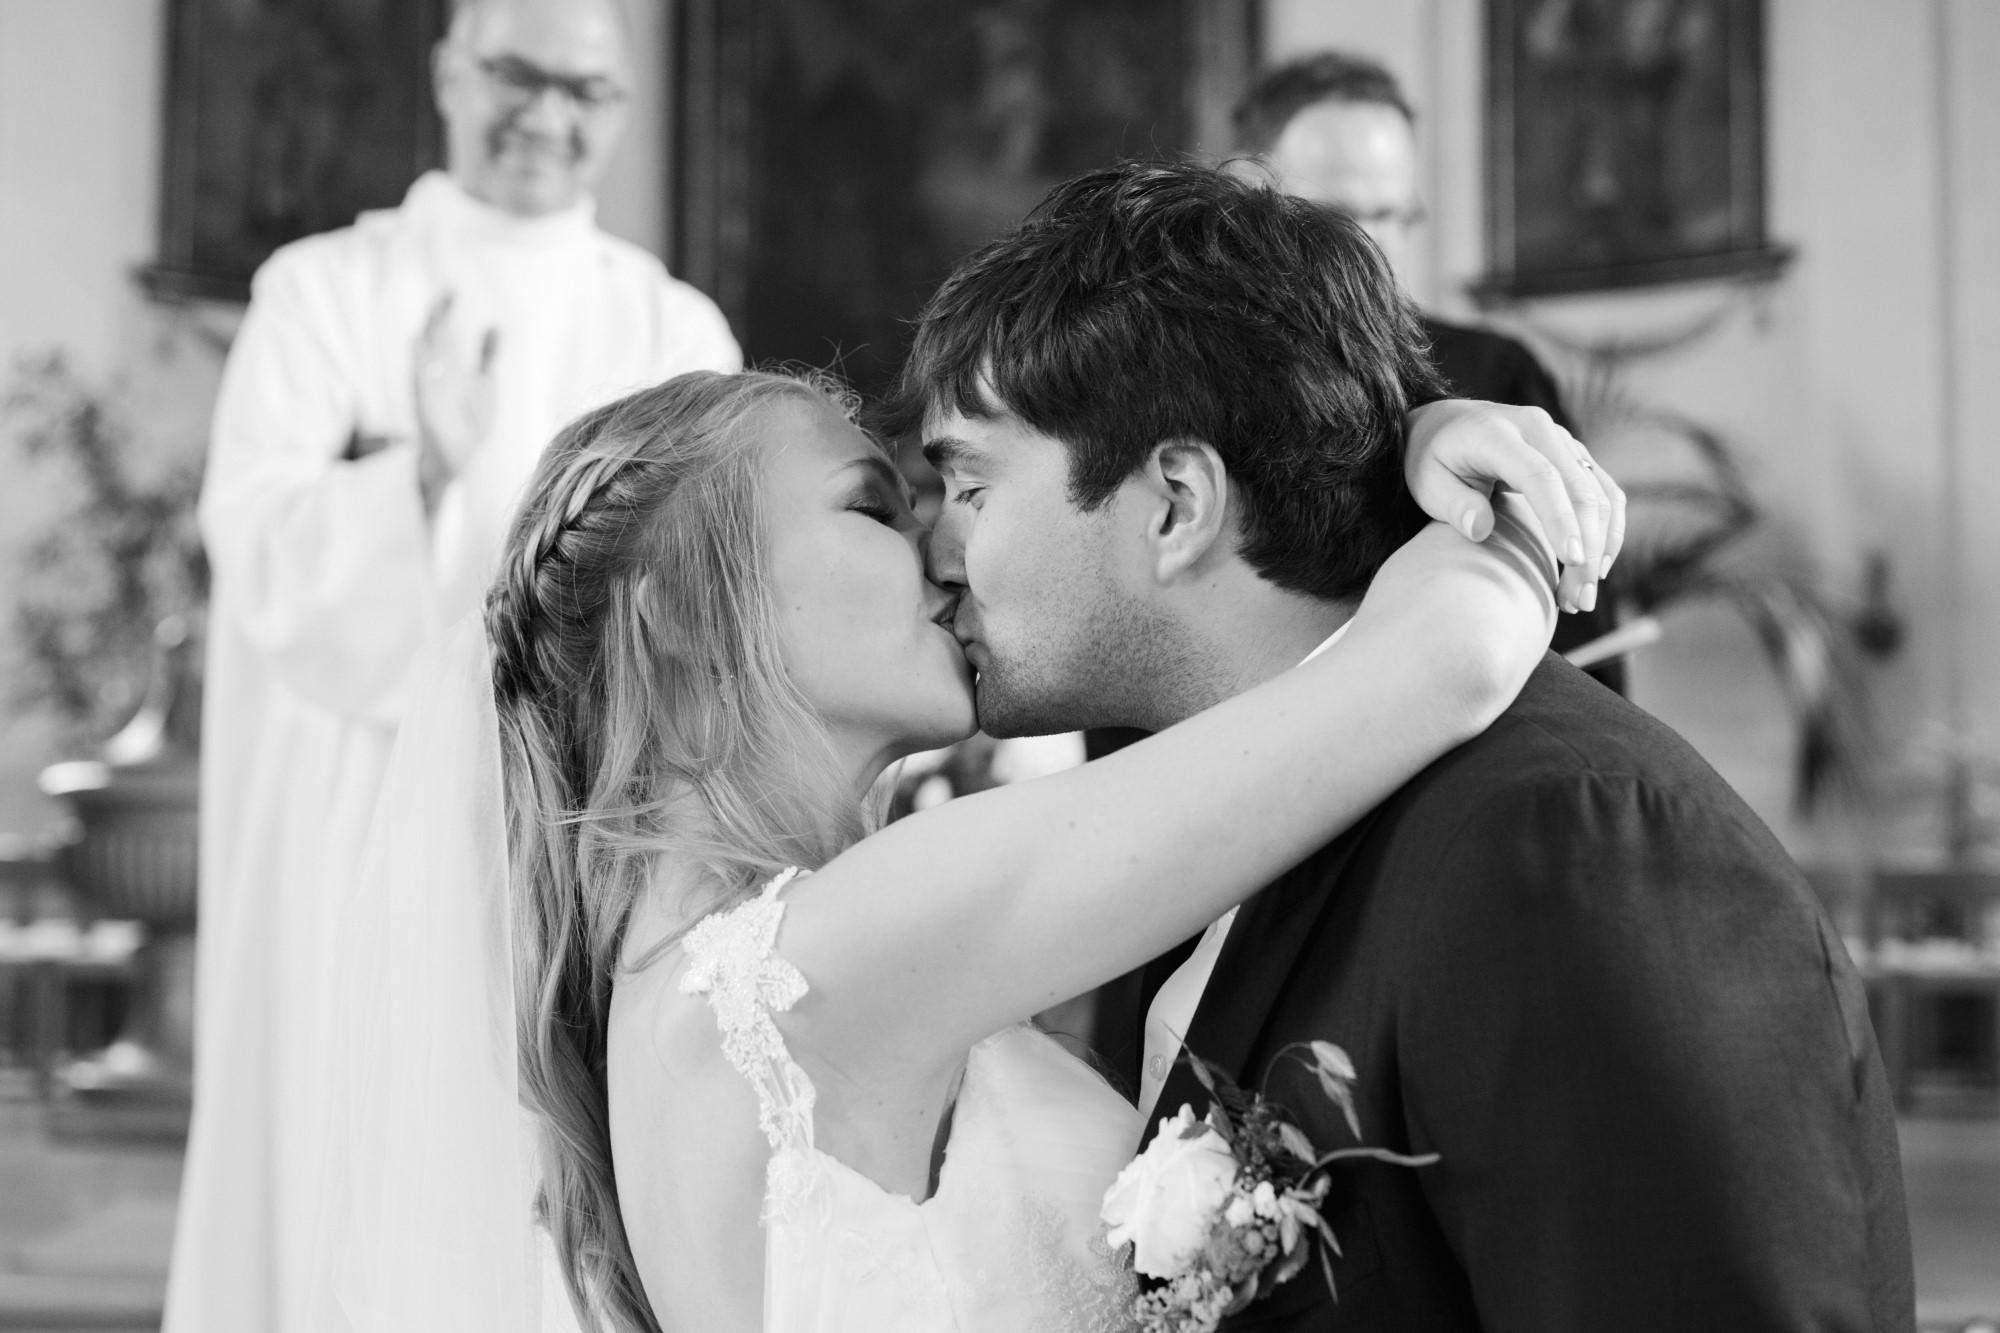 Der Kuss nach dem Eheversprechen